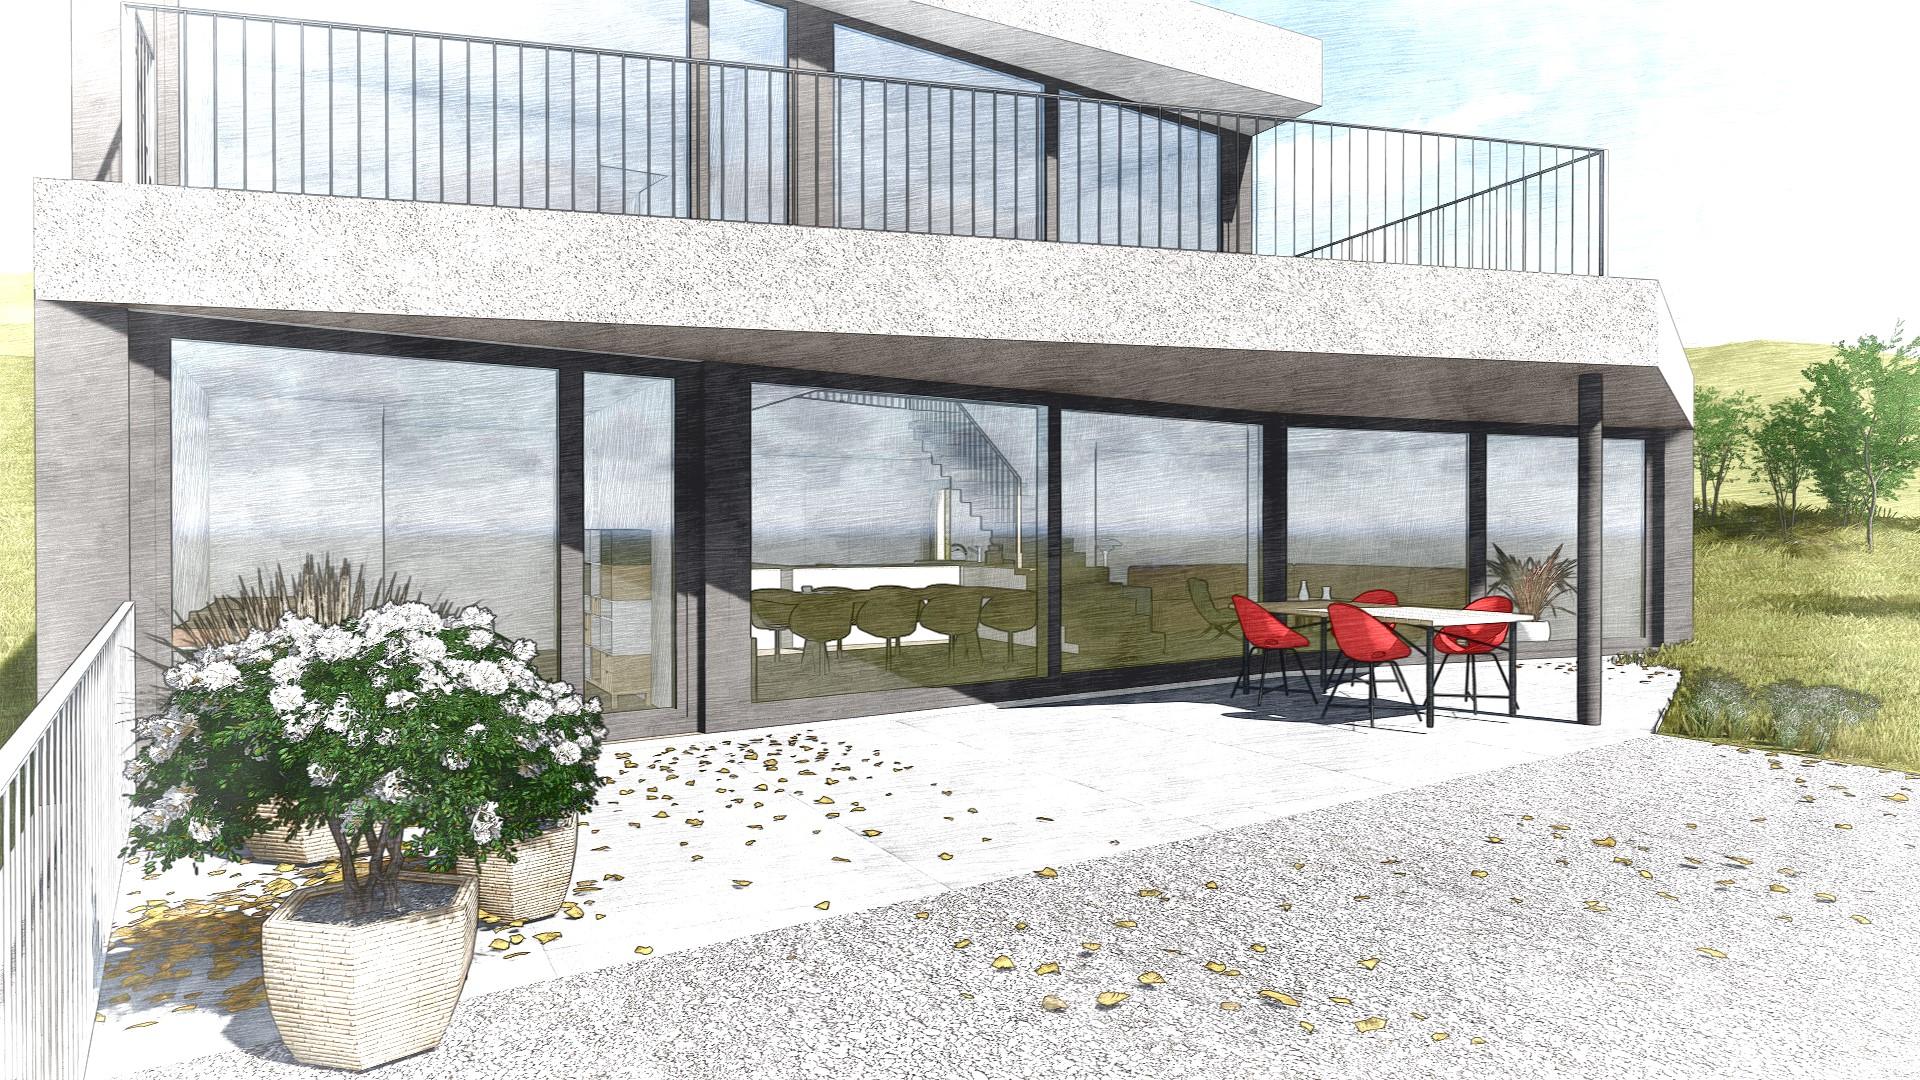 EFH-Obermettlen 2-Uetliburg--MO-Architektur-Uznach-Linthgebiet-Ostschweiz-8085